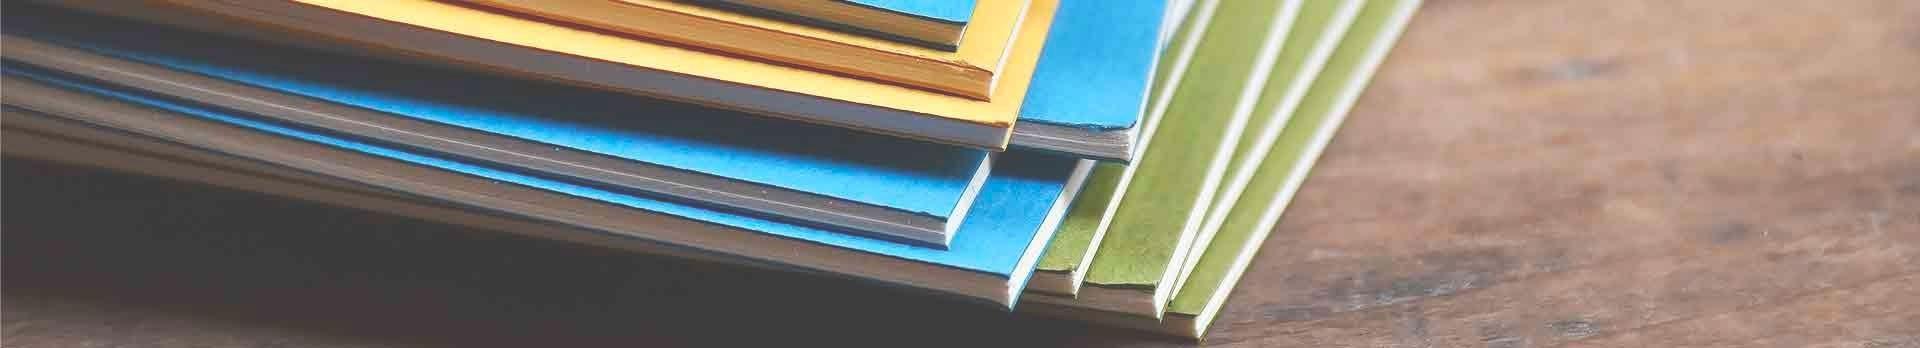 Carnets d'écriture et de dessin pour une papeterie quotidienne.